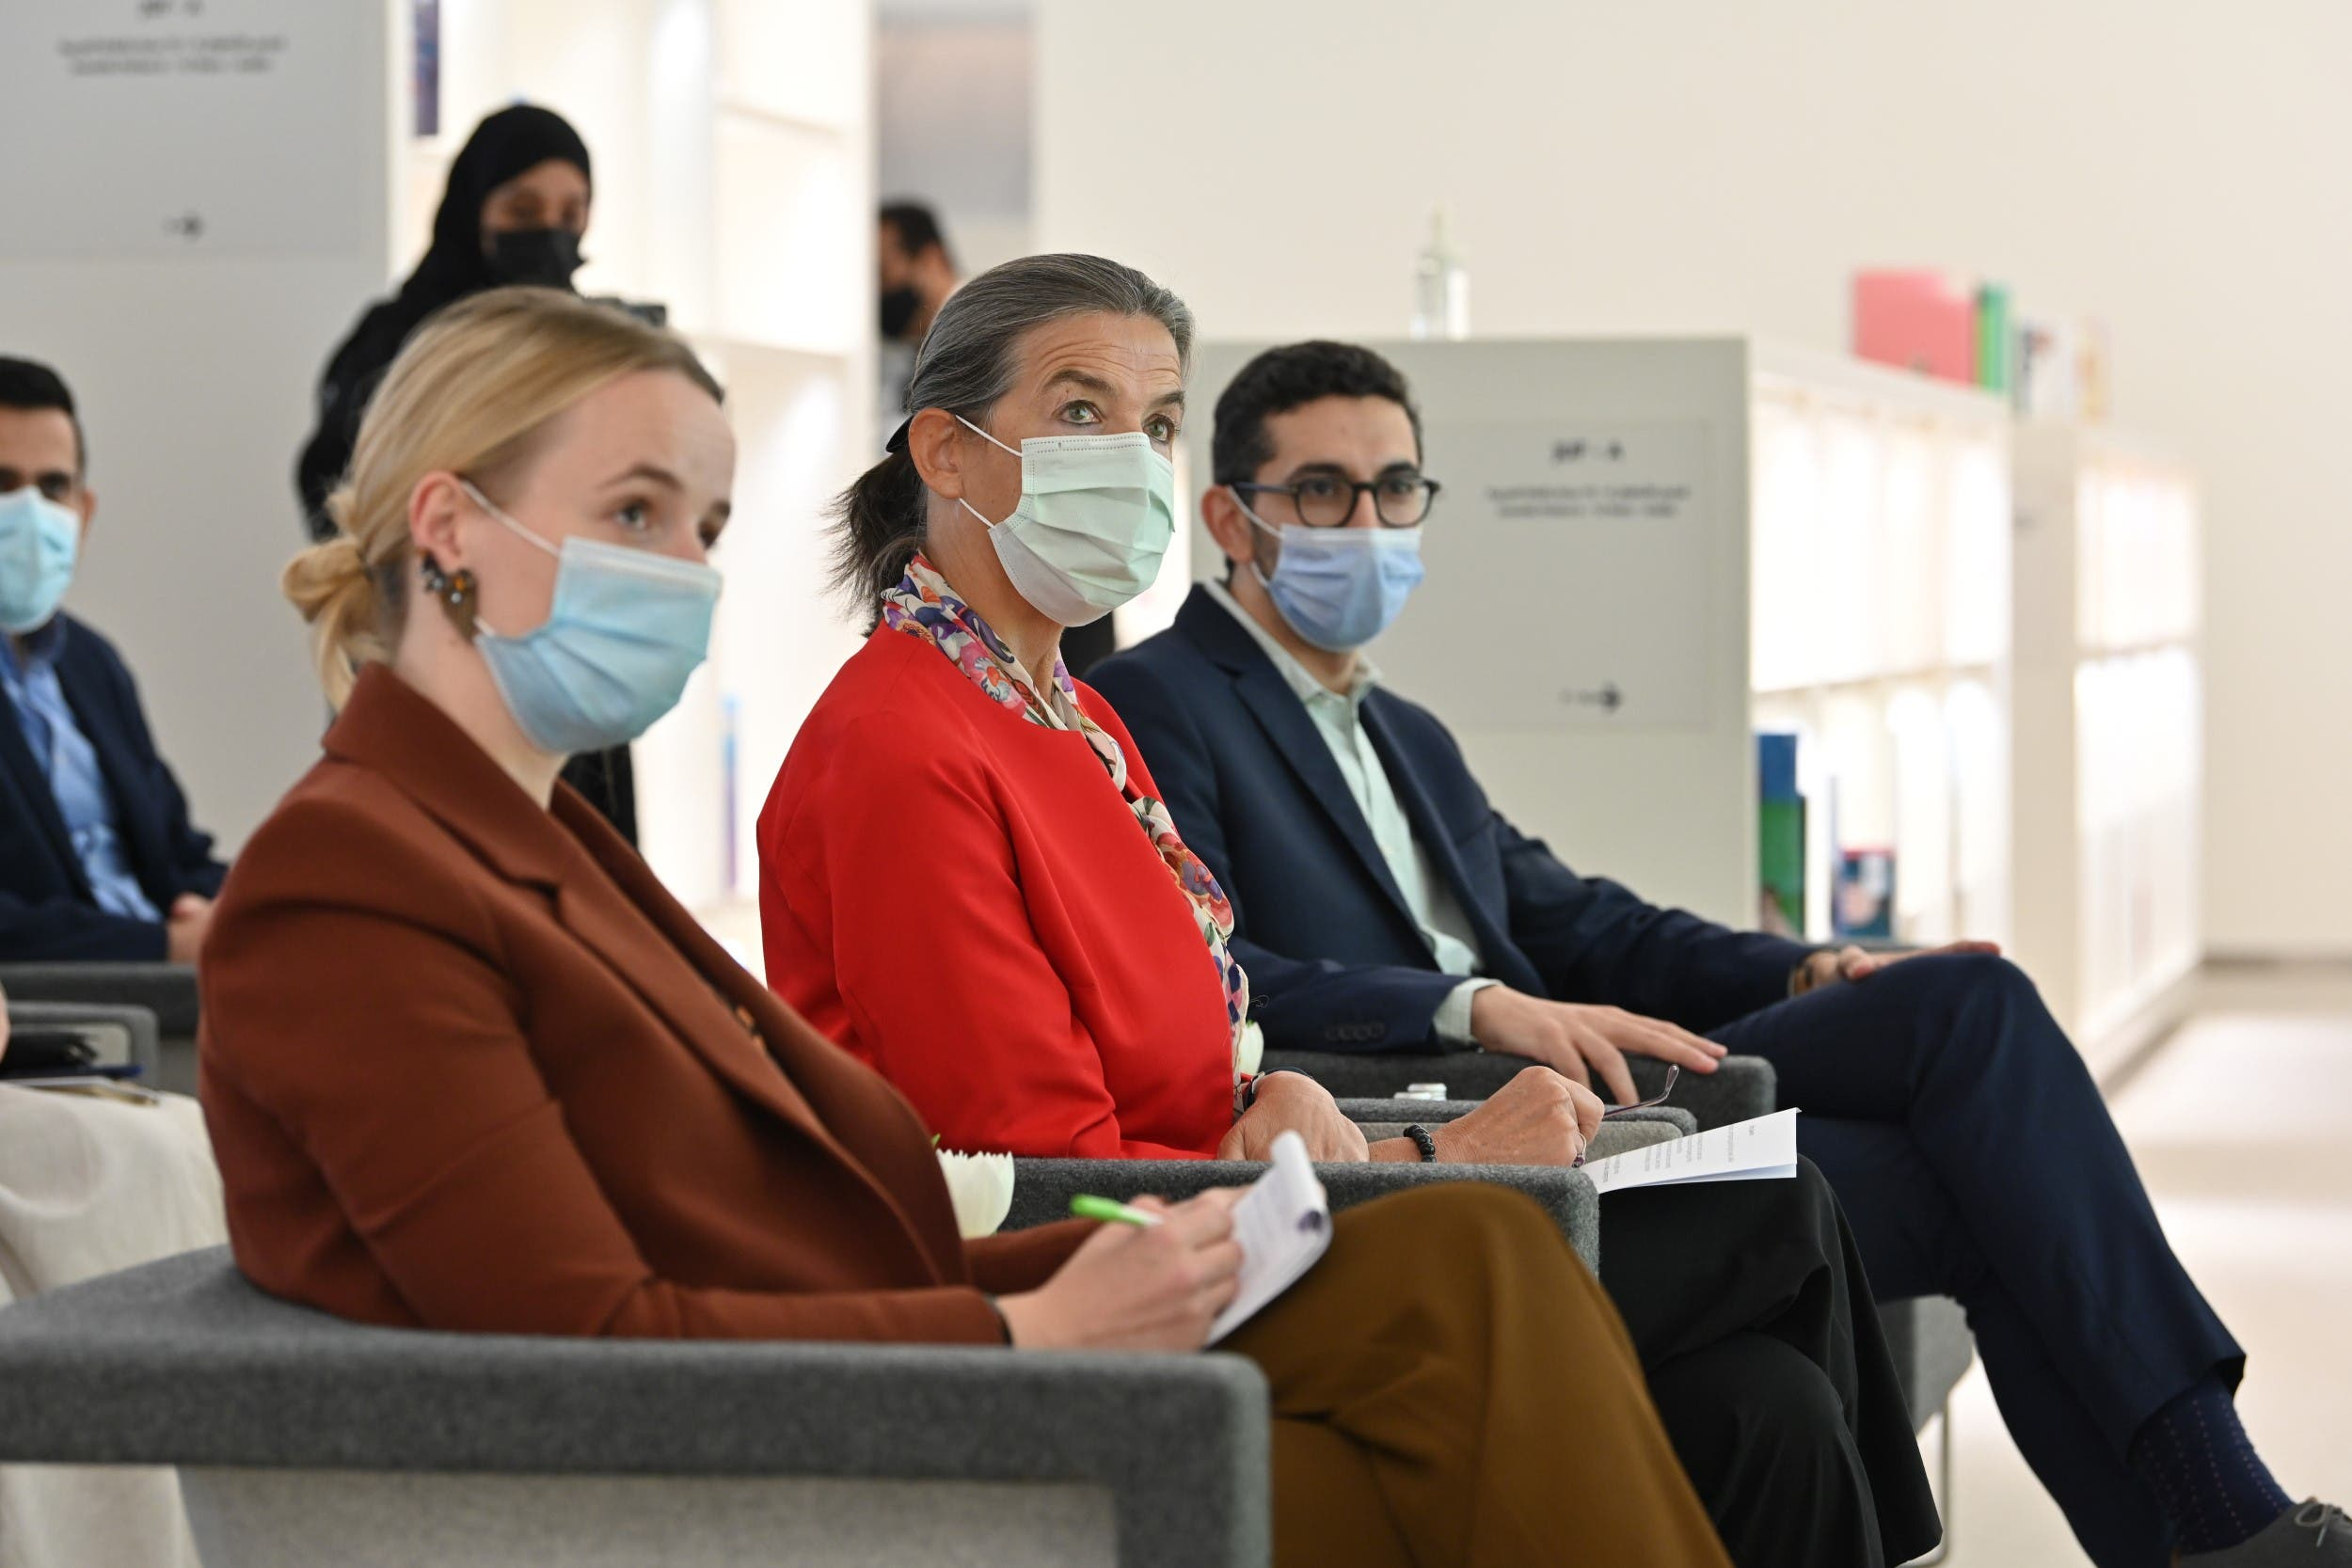 سفيرة بلجيكا في السعودية خلال حفل الافتتاح